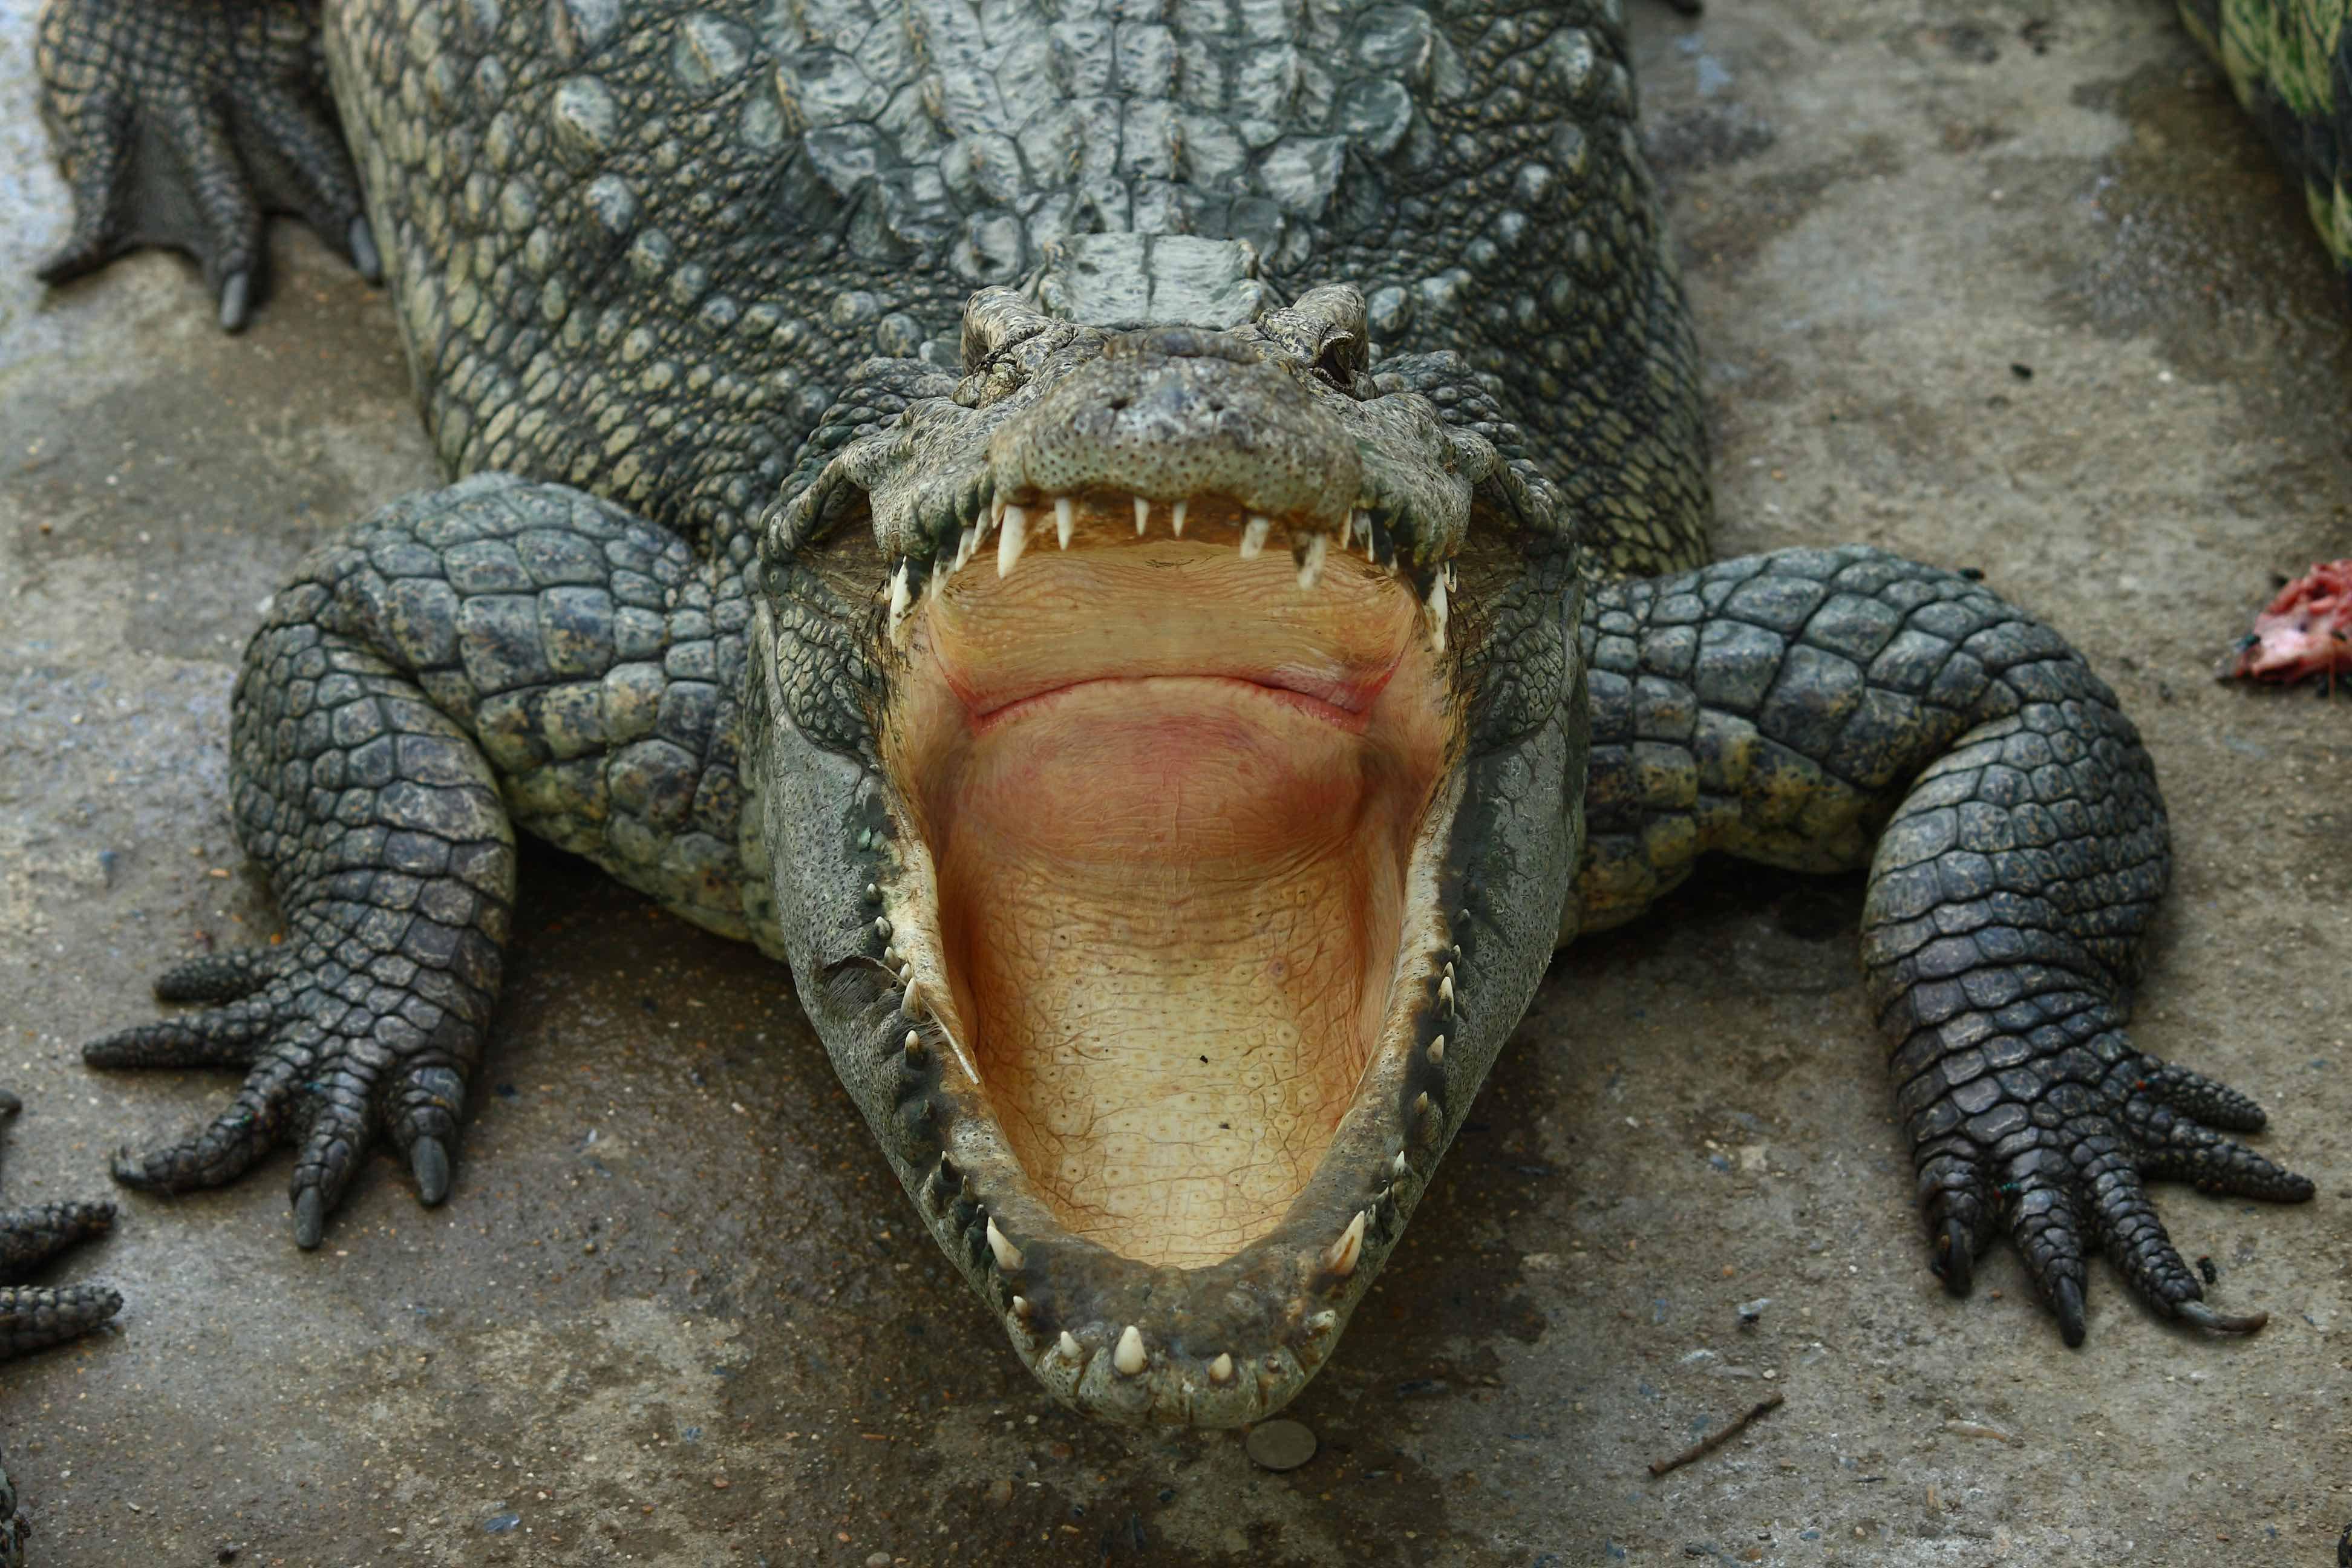 Bus-sized 'terror crocodiles' once roamed the Earth – BGR - BGR